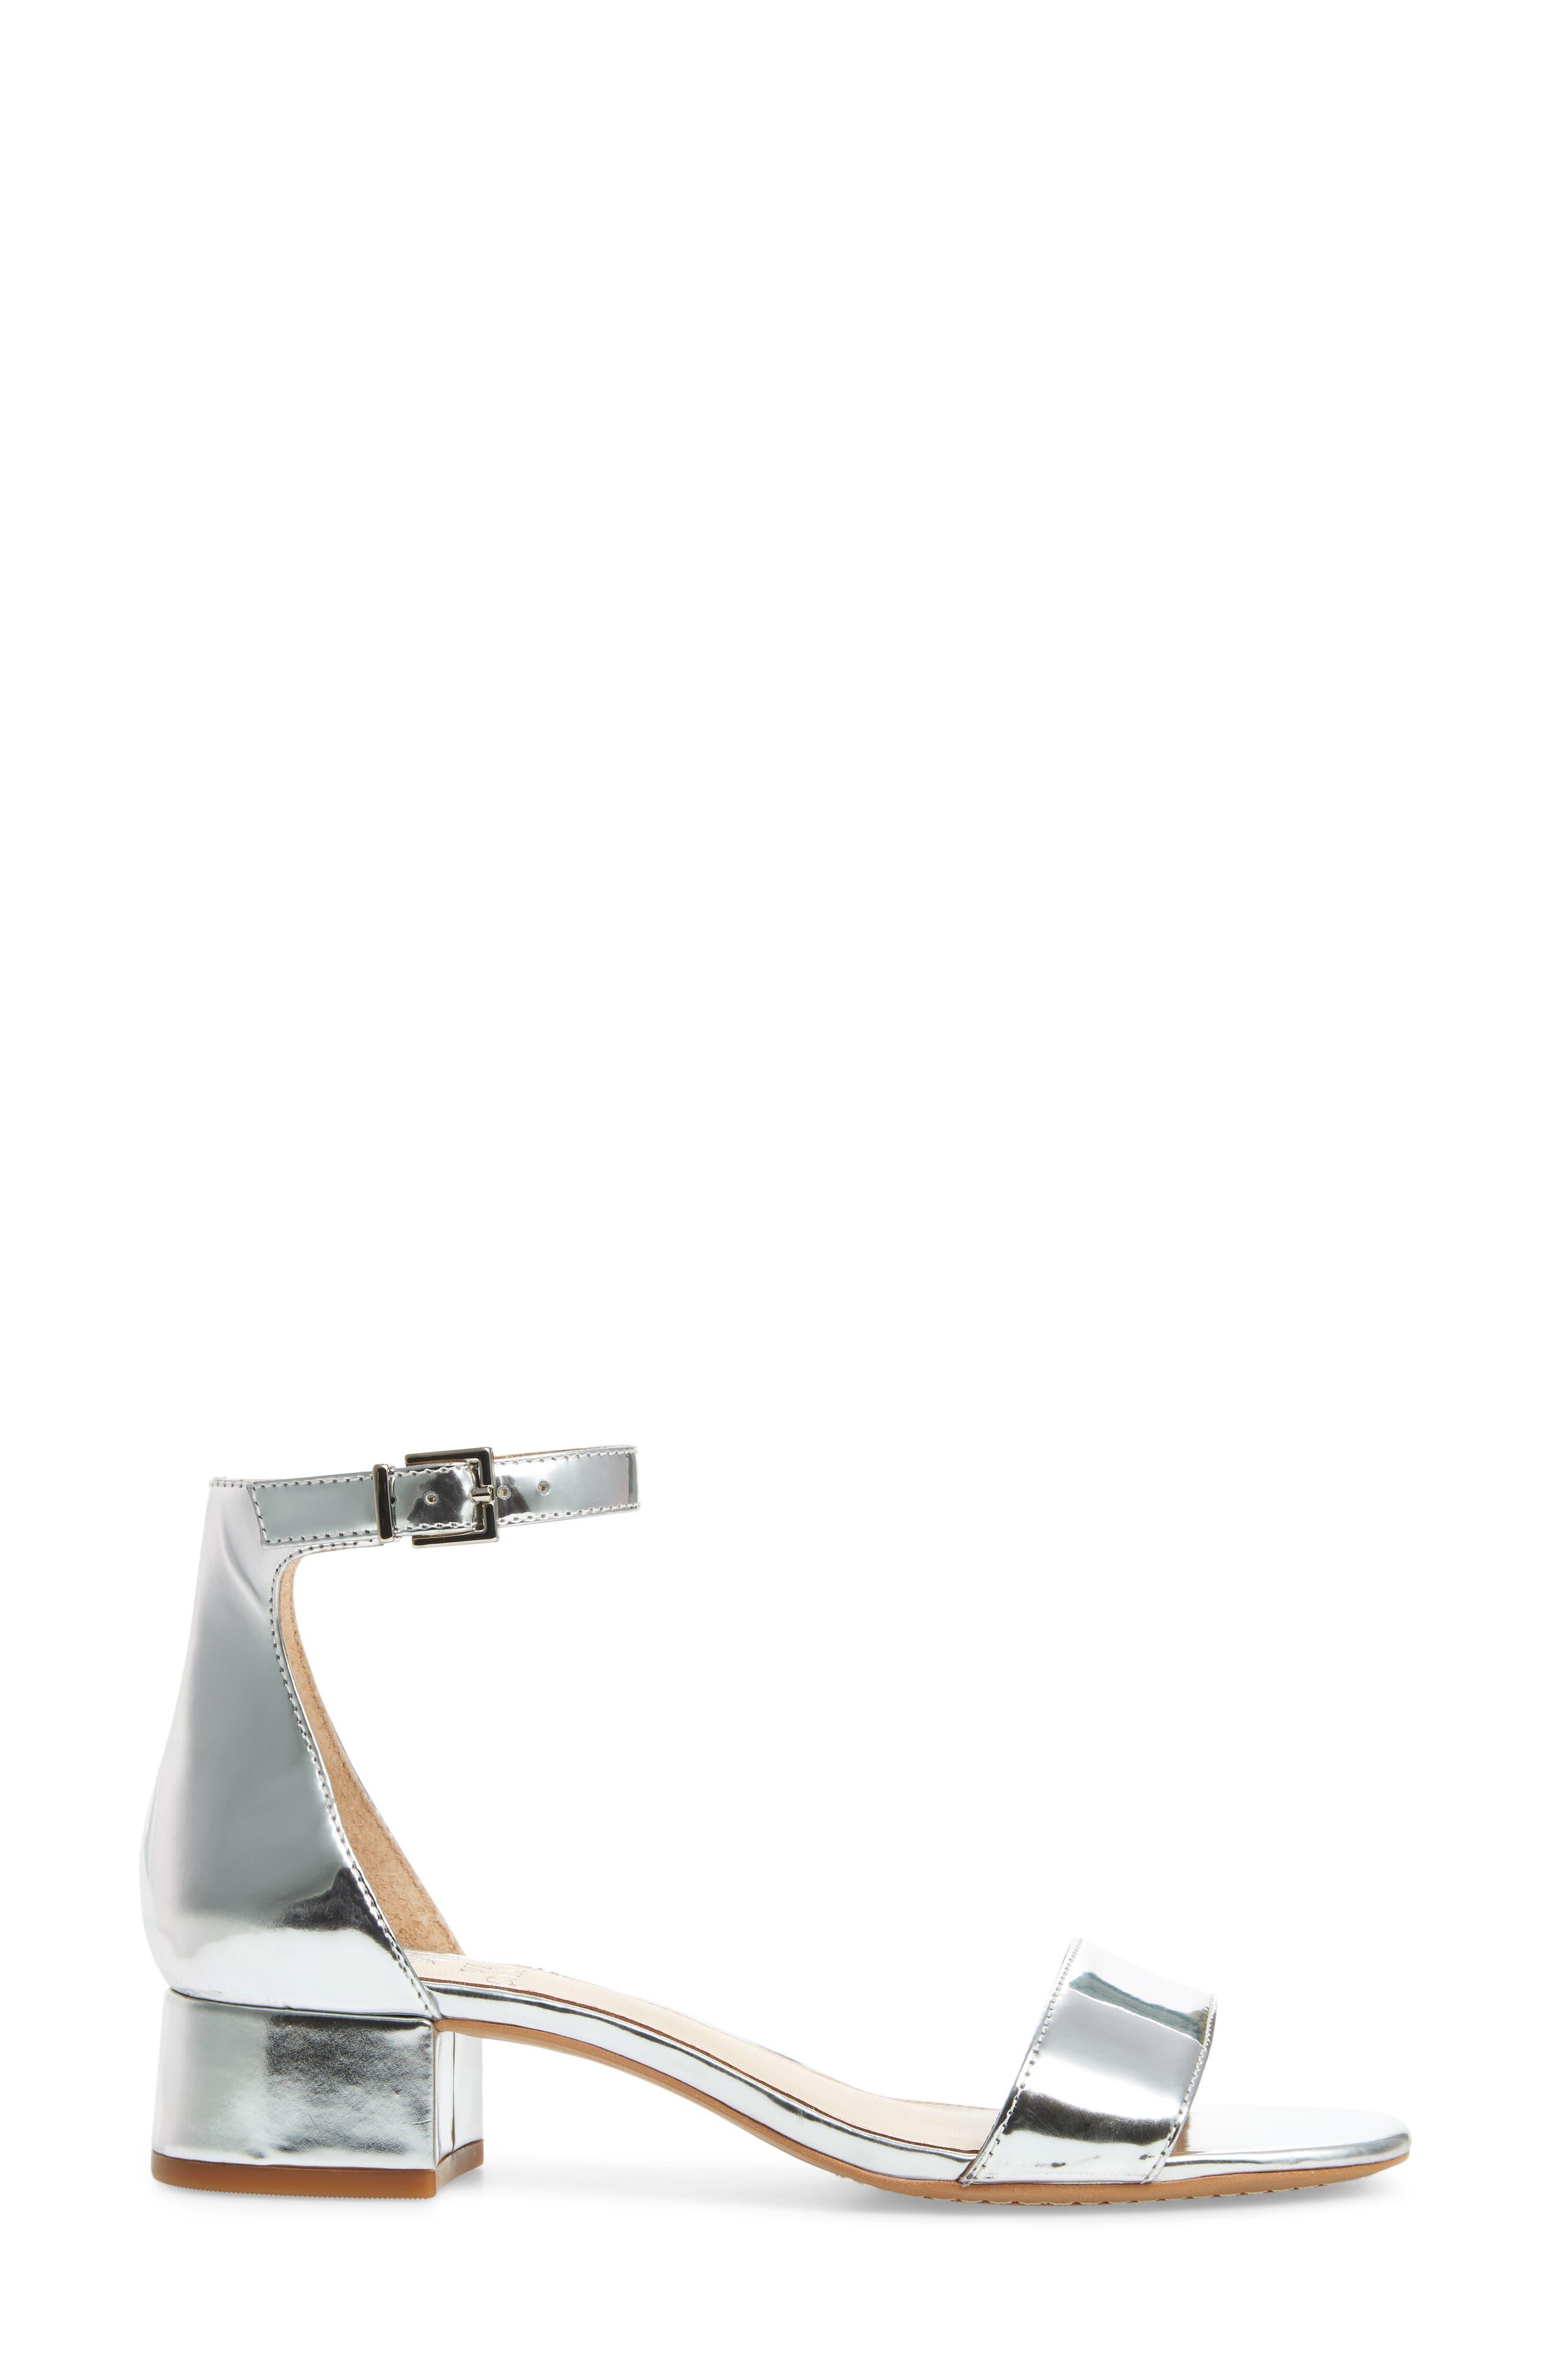 Sasseta Sandal,                             Alternate thumbnail 3, color,                             Bright Silver